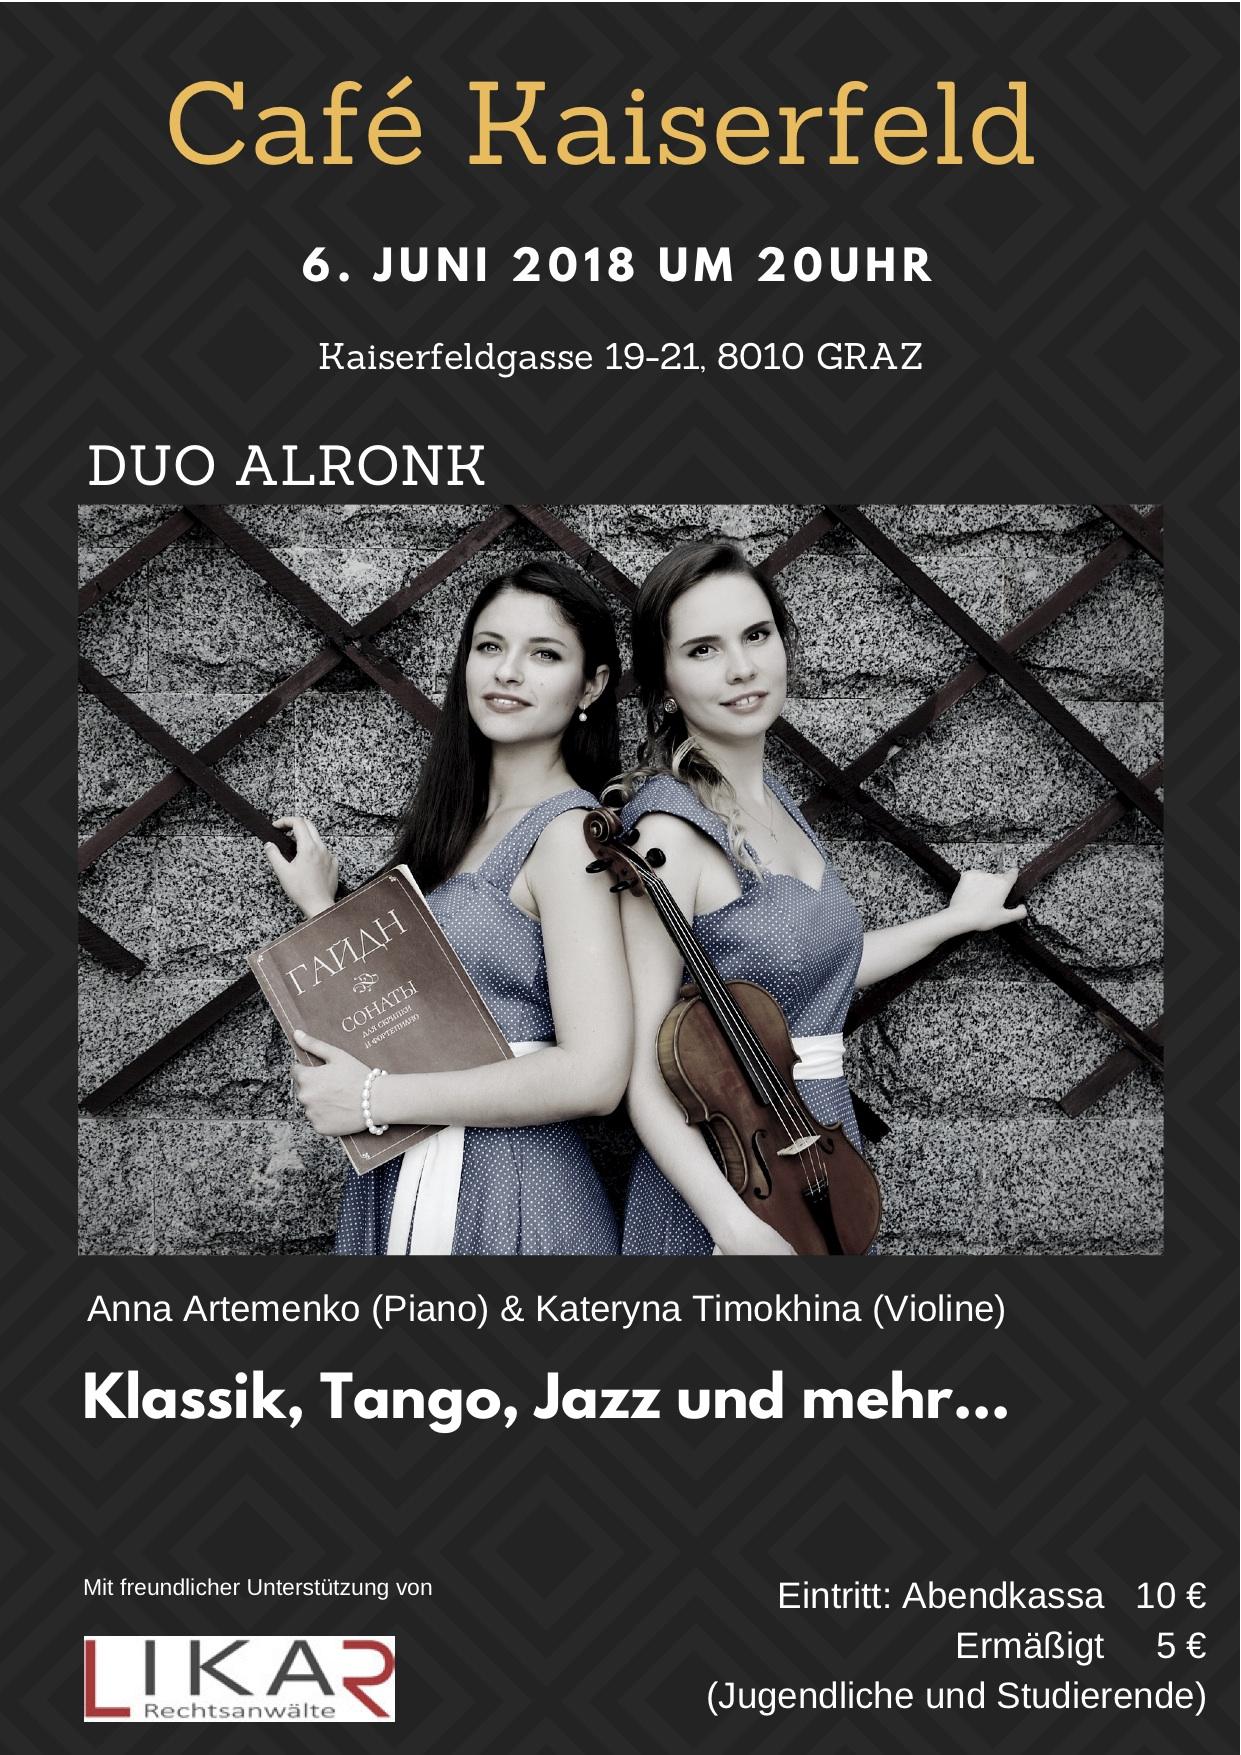 Konzert in Graz (Österreich) Timokhina & Artemenko - Duo Alronk